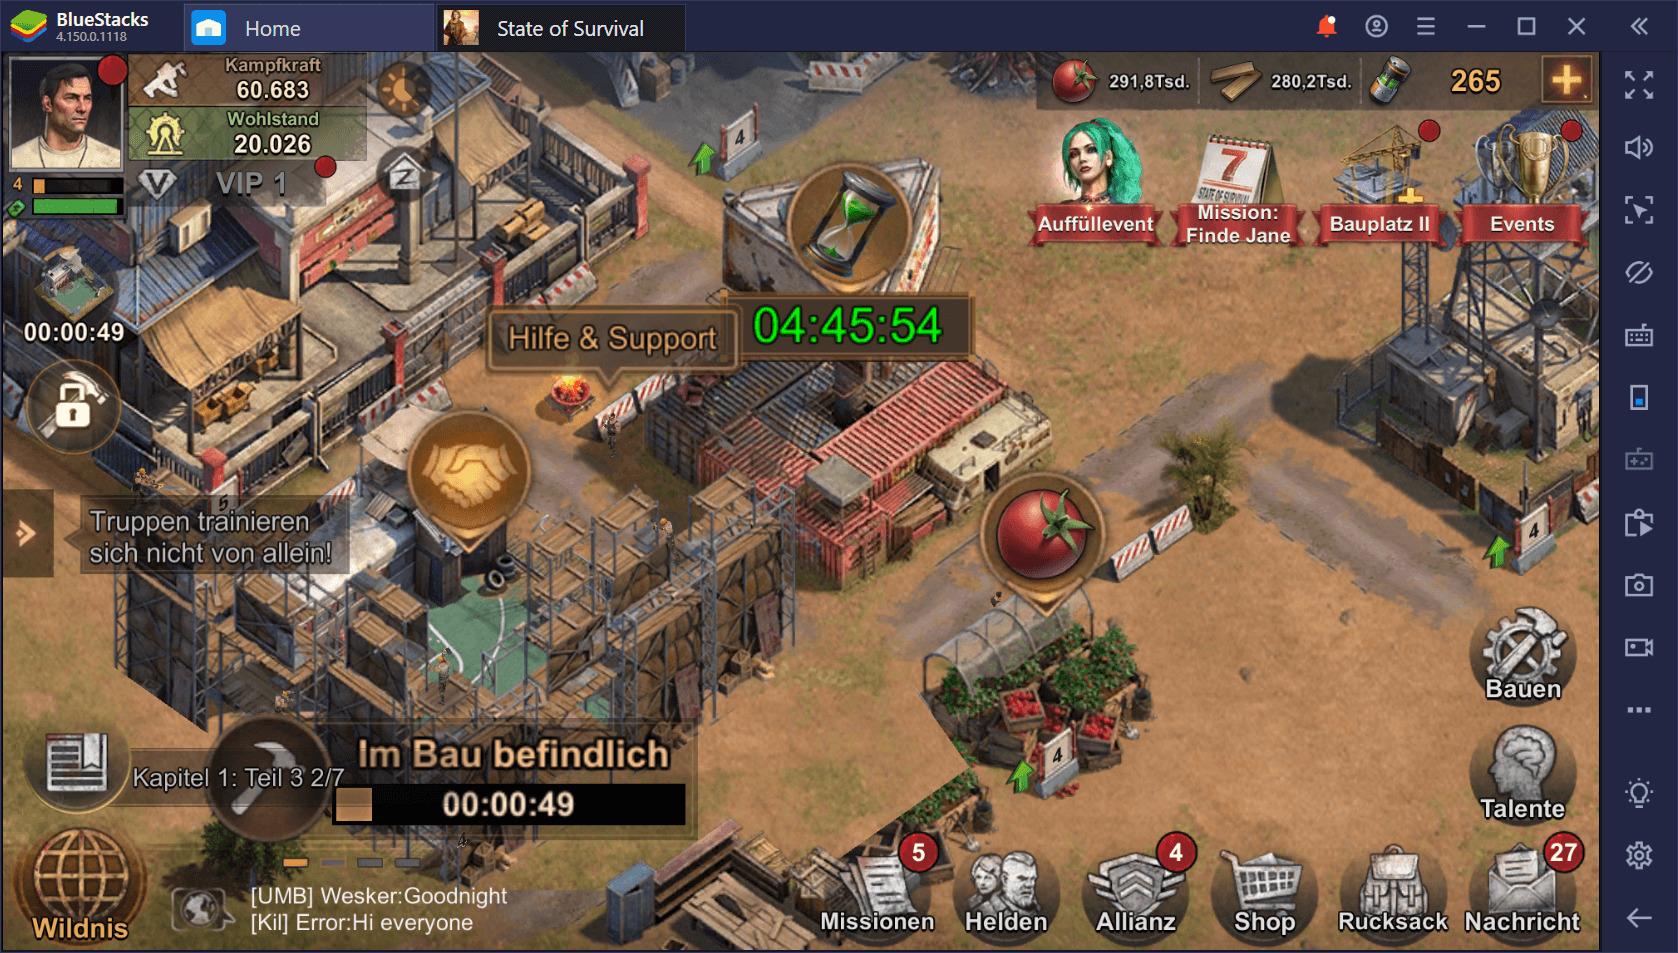 State of Survival auf dem PC: Tipps und Tricks zum Überleben der Zombie-Bedrohung